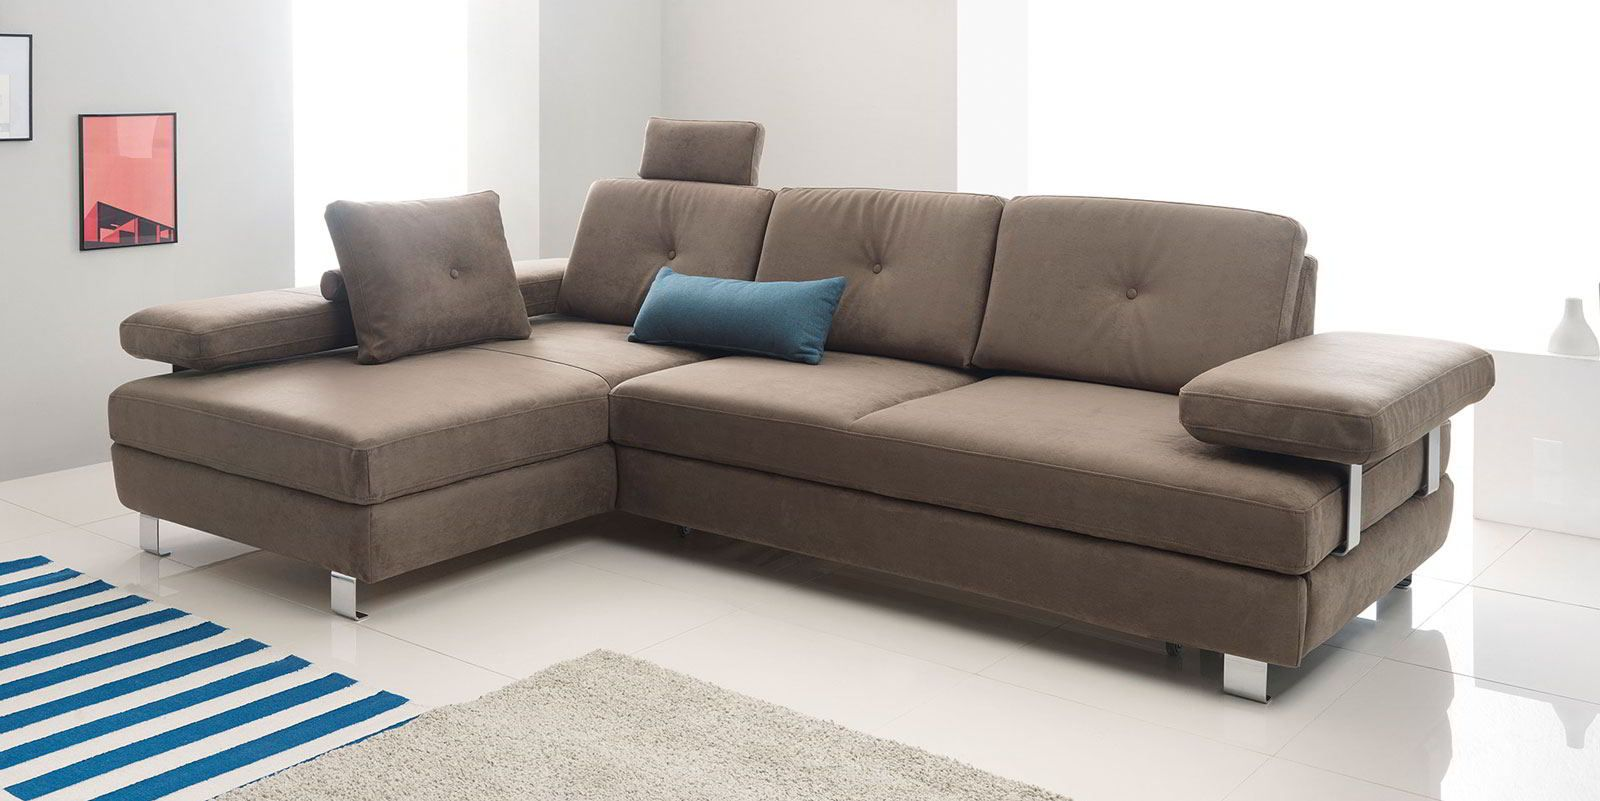 Ecksofa Mit Schlaffunktion Und Bettkasten Fronti Funktionssofa Moebella24 Ecksofa Sofa Bequemes Sofa